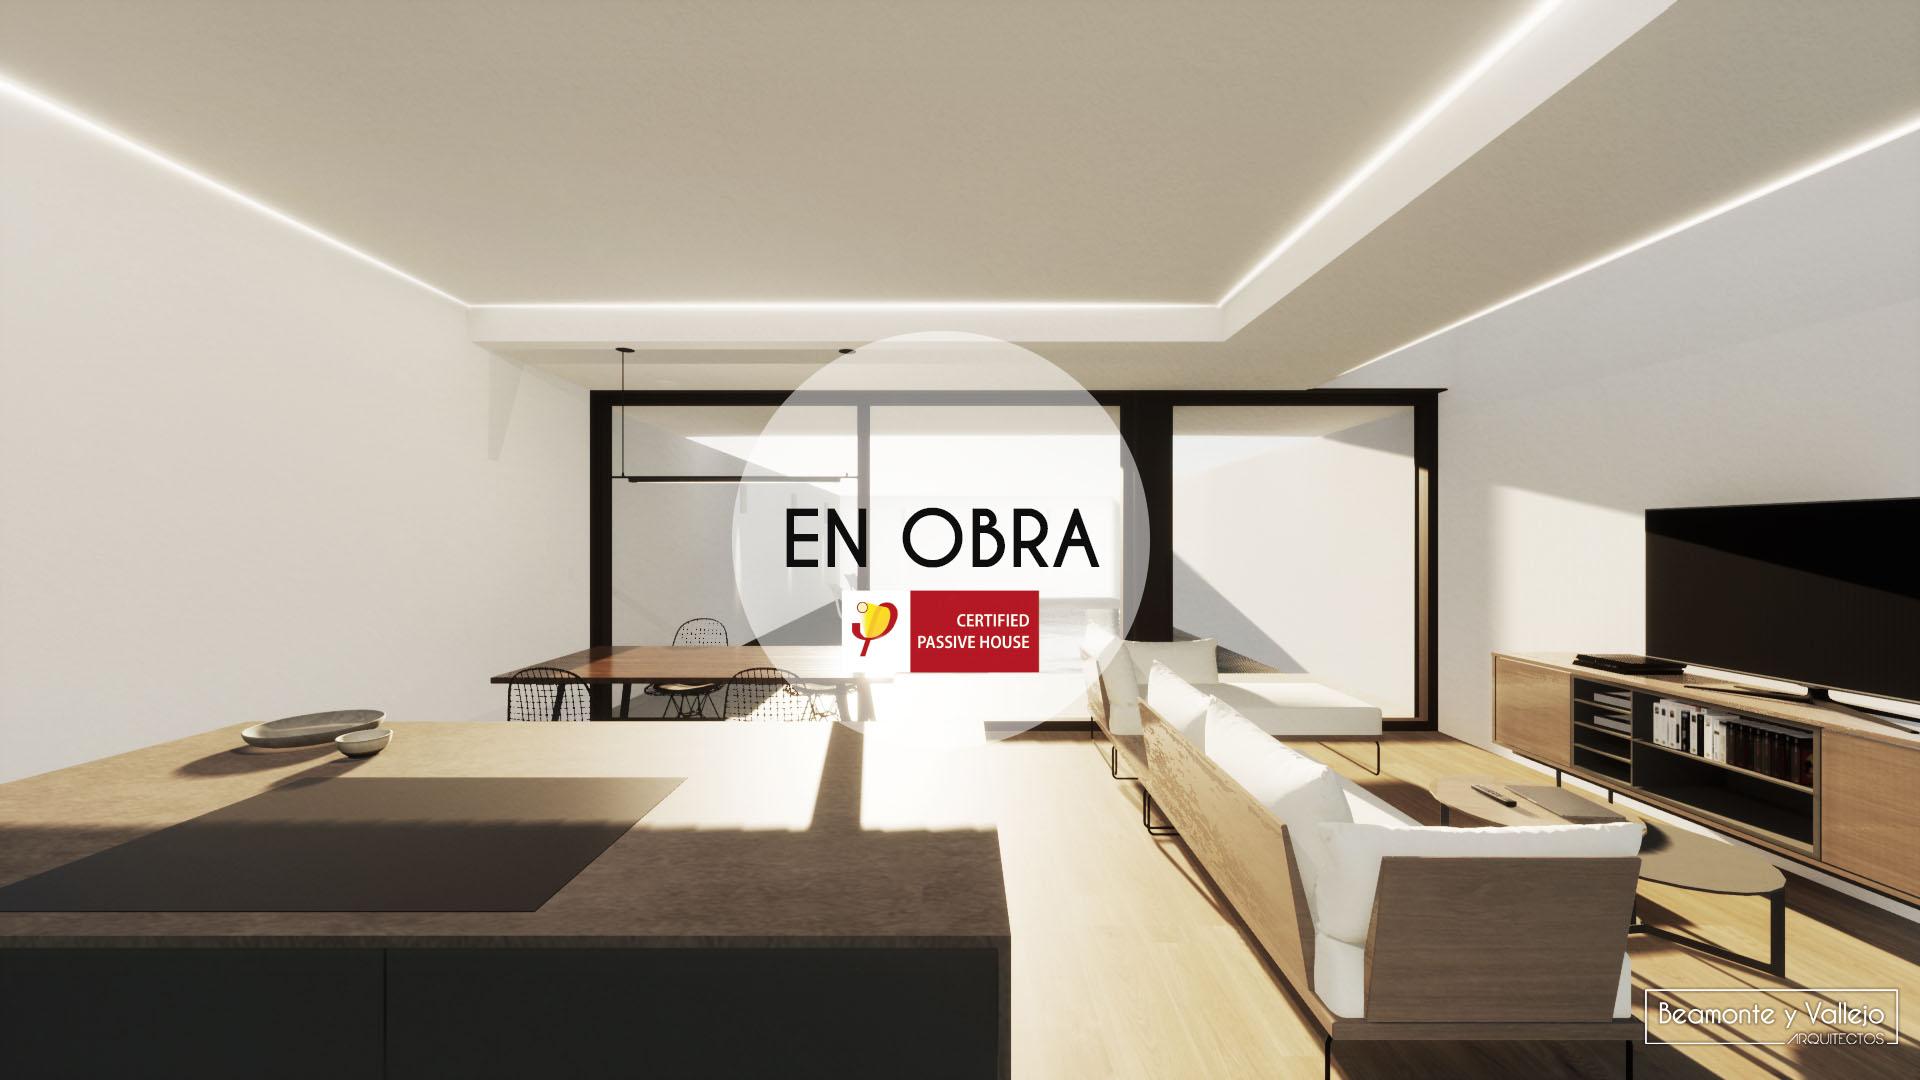 Beamonte y Vallejo arquitectos - Passivhaus Ontinar en obra - 3